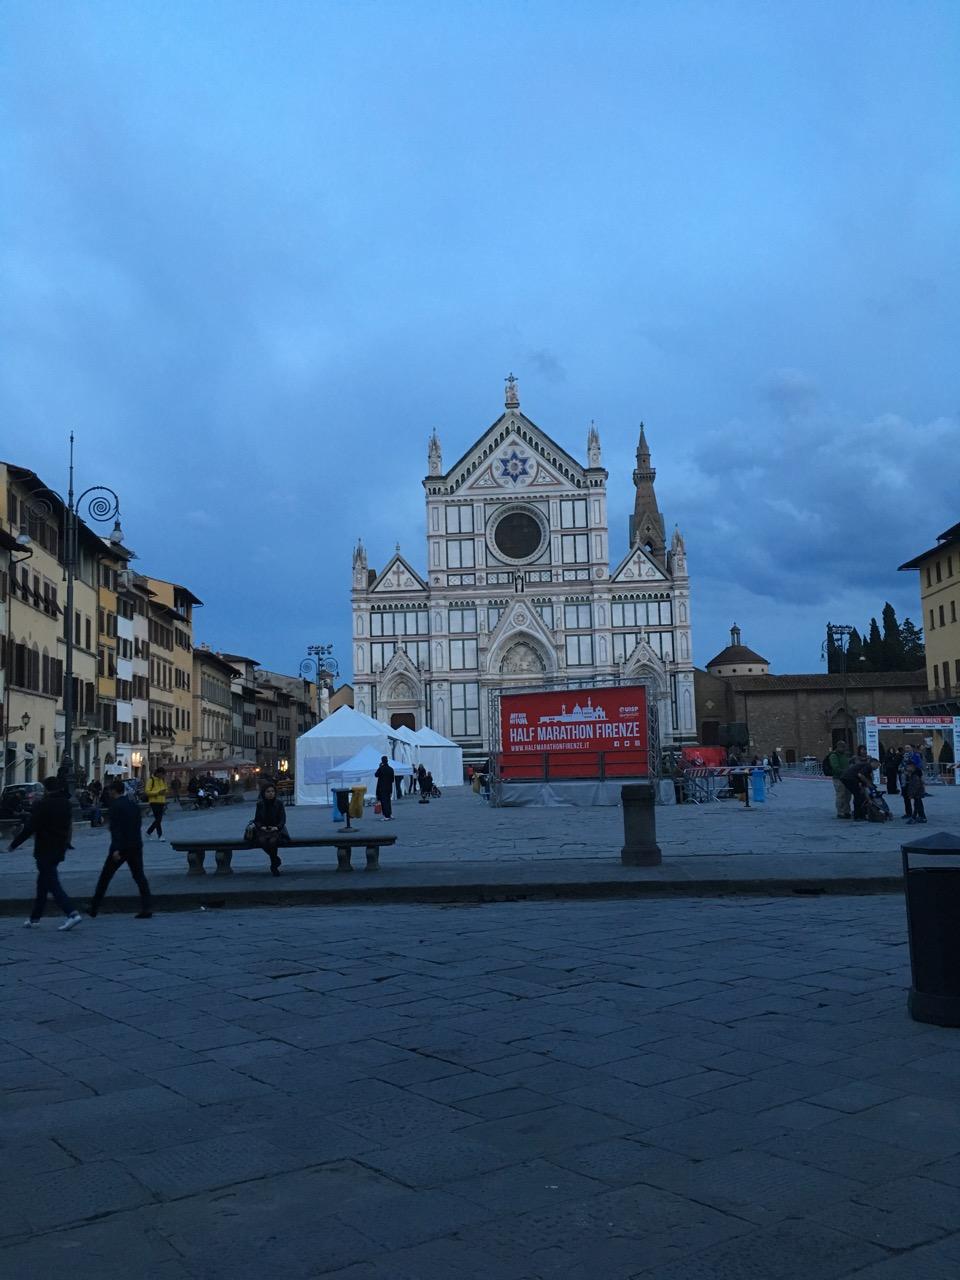 经过圣十字教堂(Basilica of Santa Croce),安葬了意大利的很多名人:但丁、伽利略、米开朗基罗、马基雅维利、马可尼等。第二天有马拉松比赛